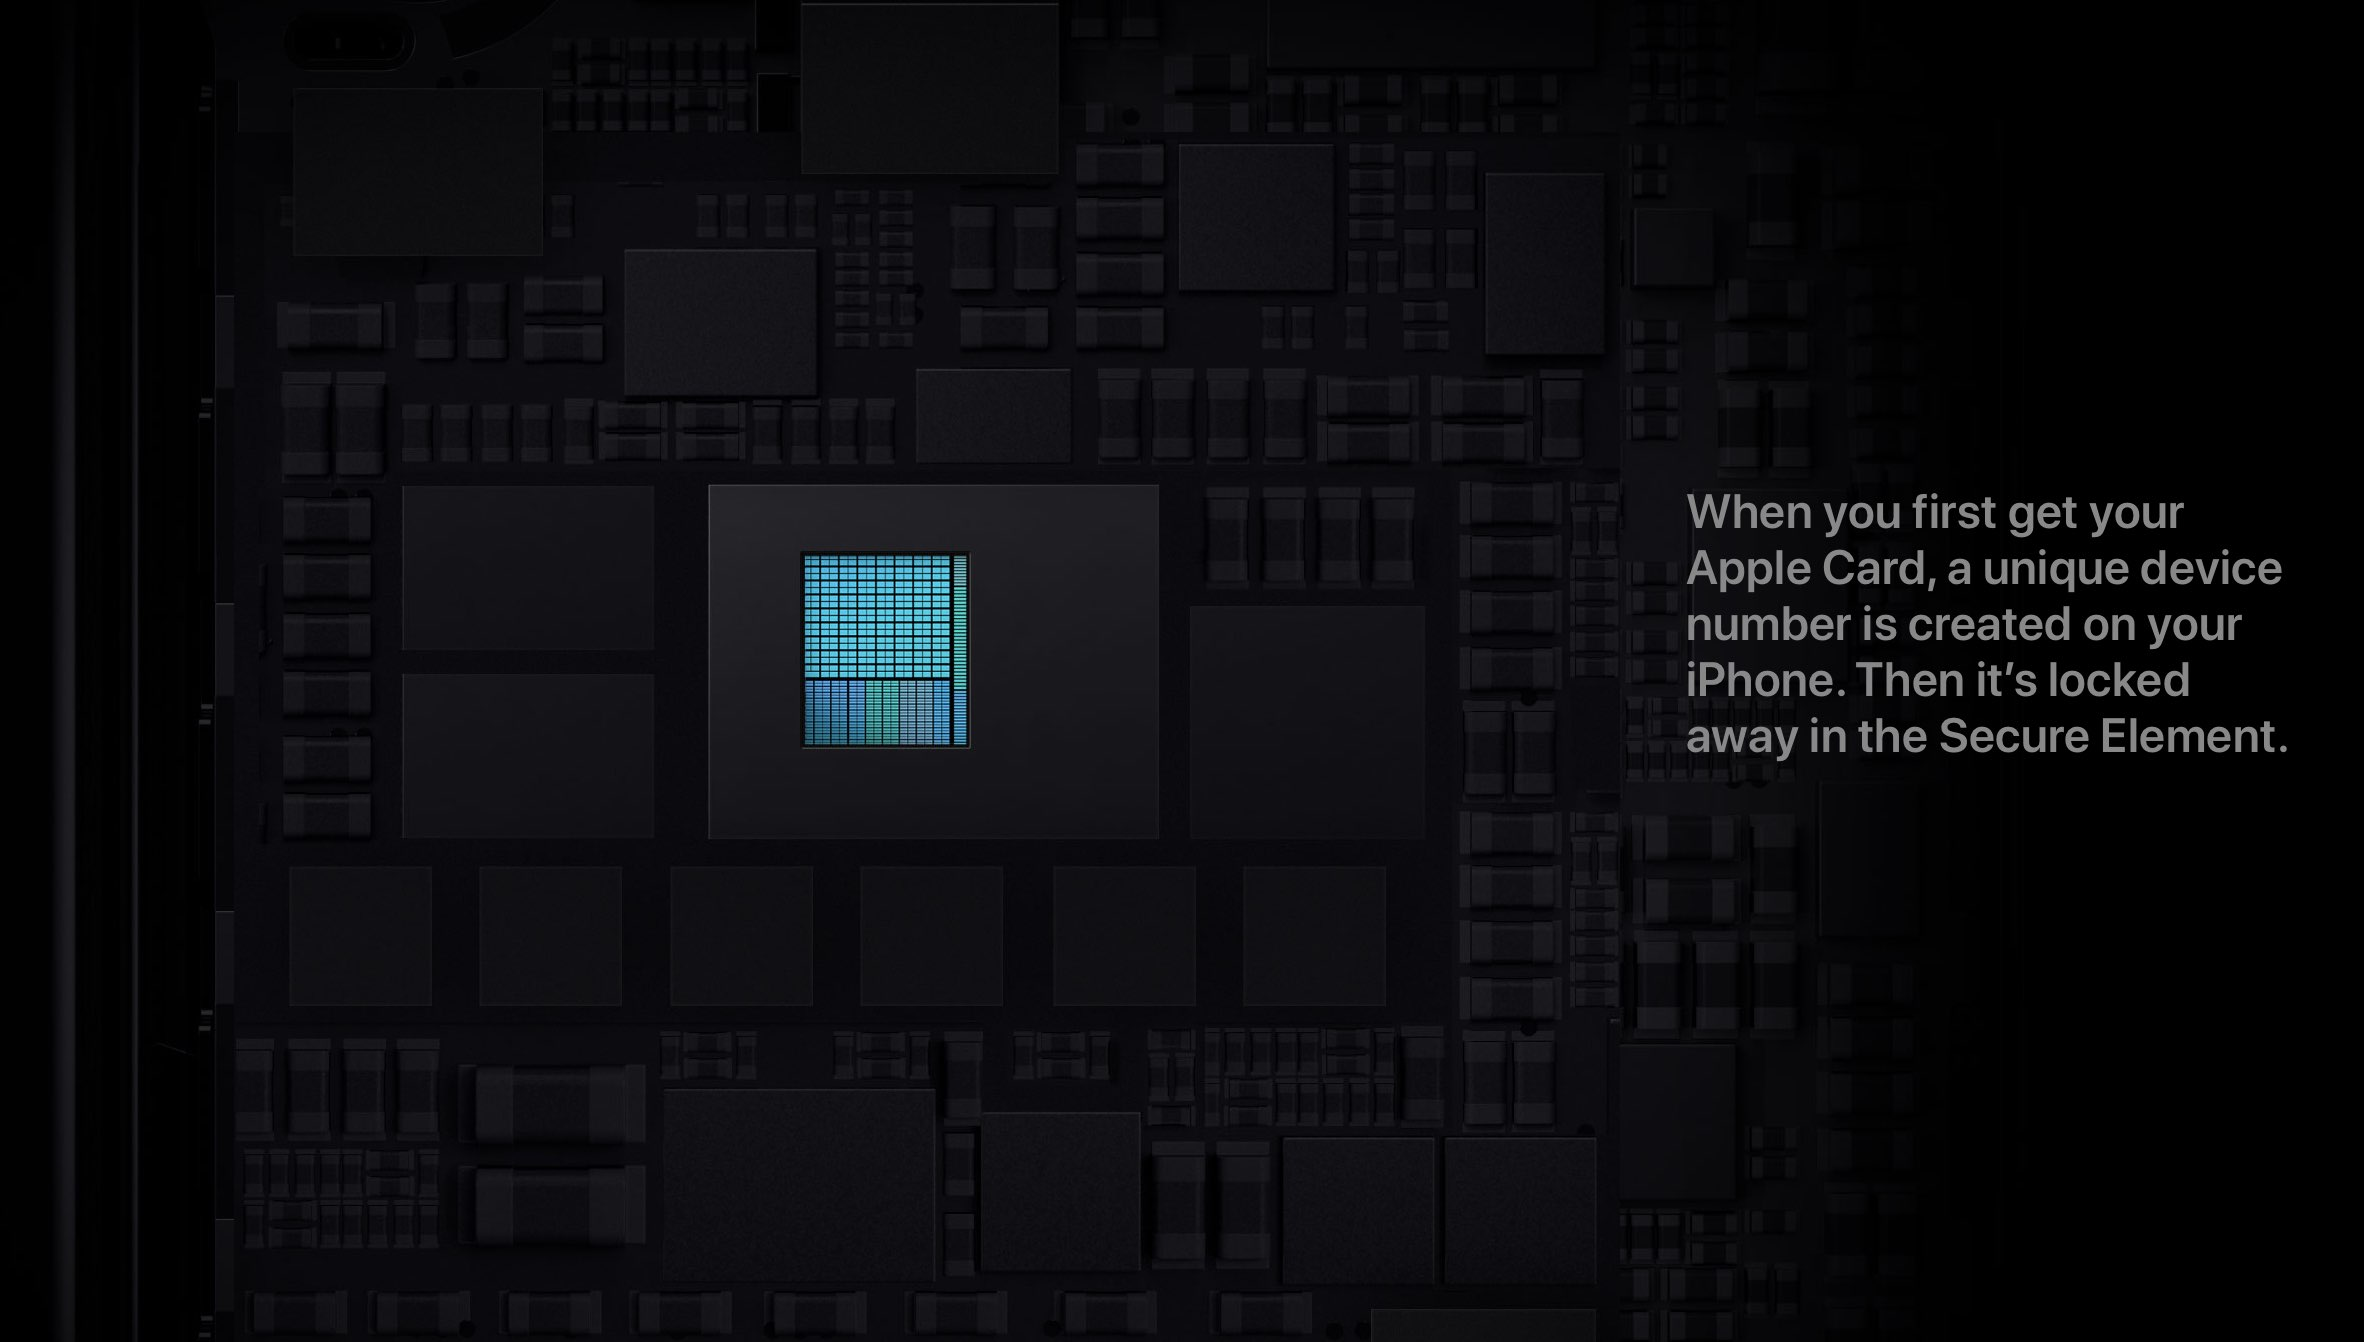 كيفية طلب جديد Apple رقم البطاقة لاستخدامها على شبكة الإنترنت 1